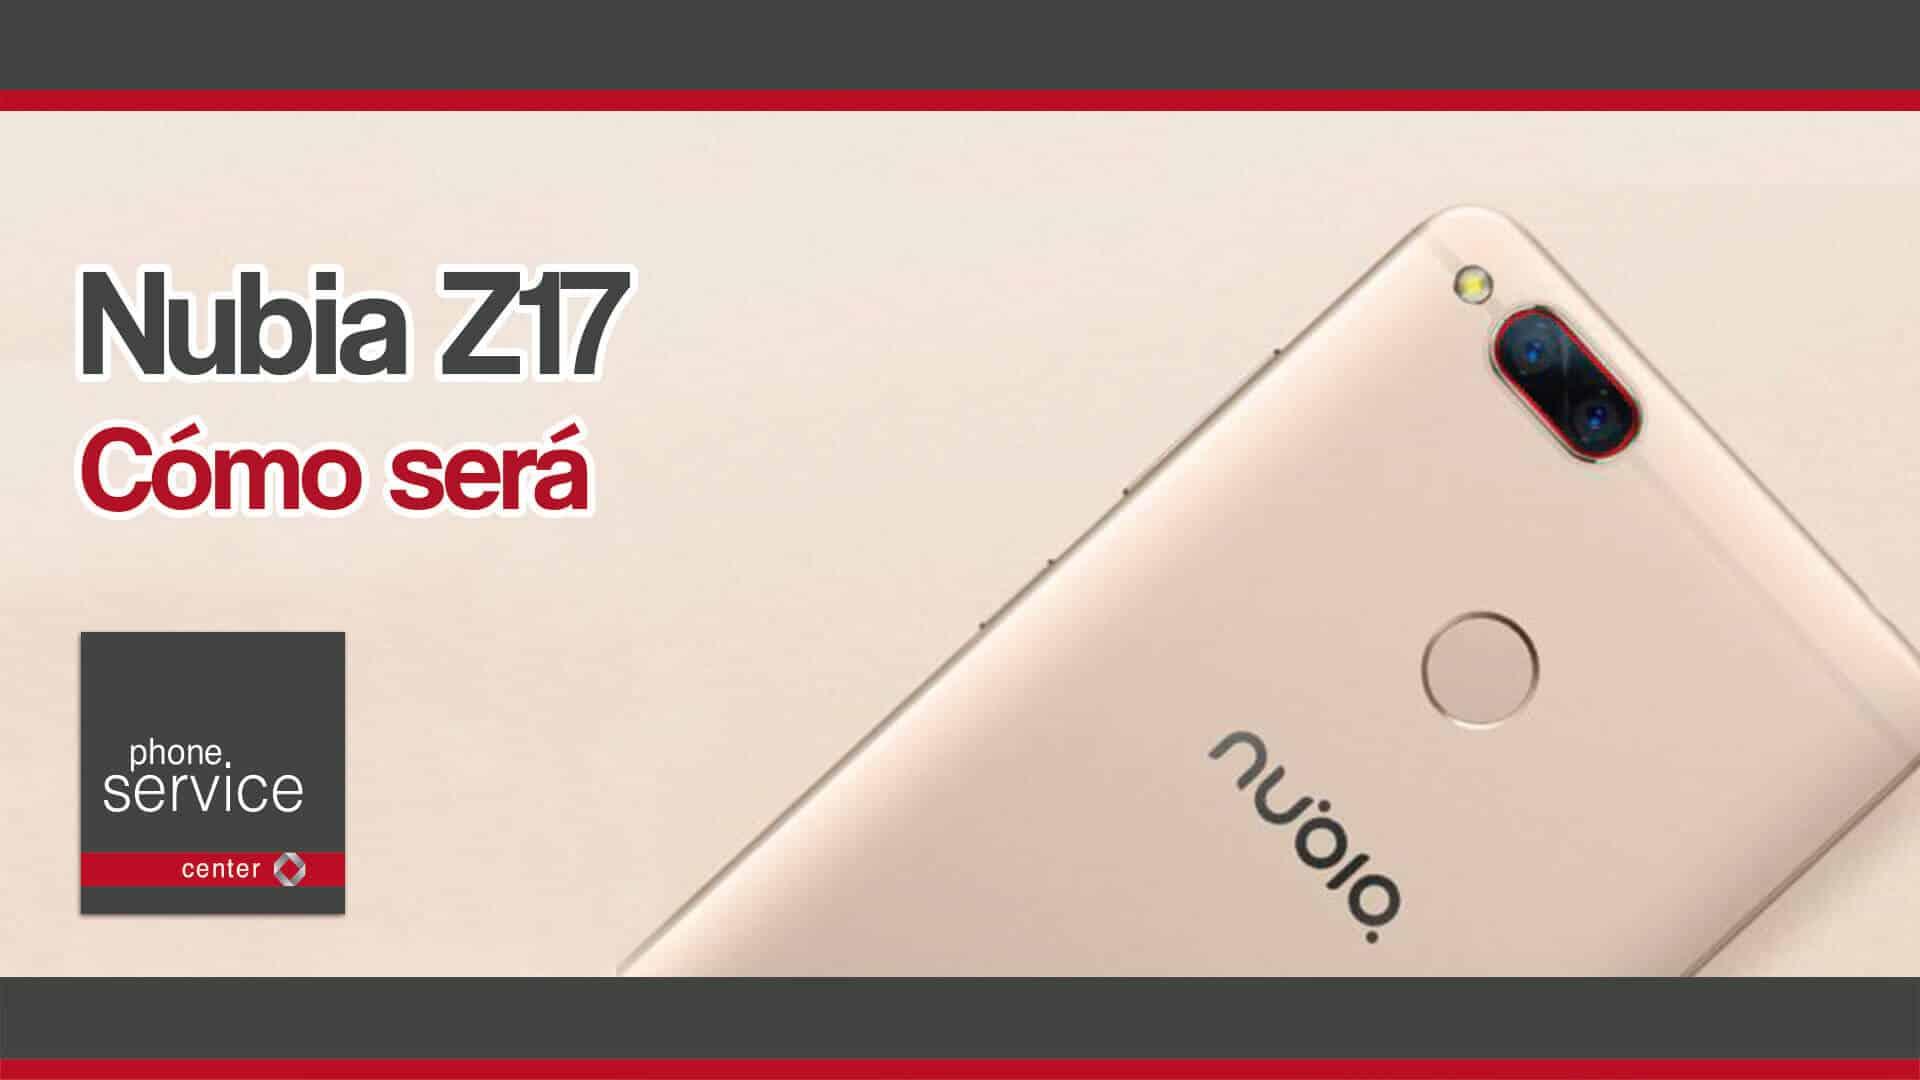 Nubia Z17 como sera